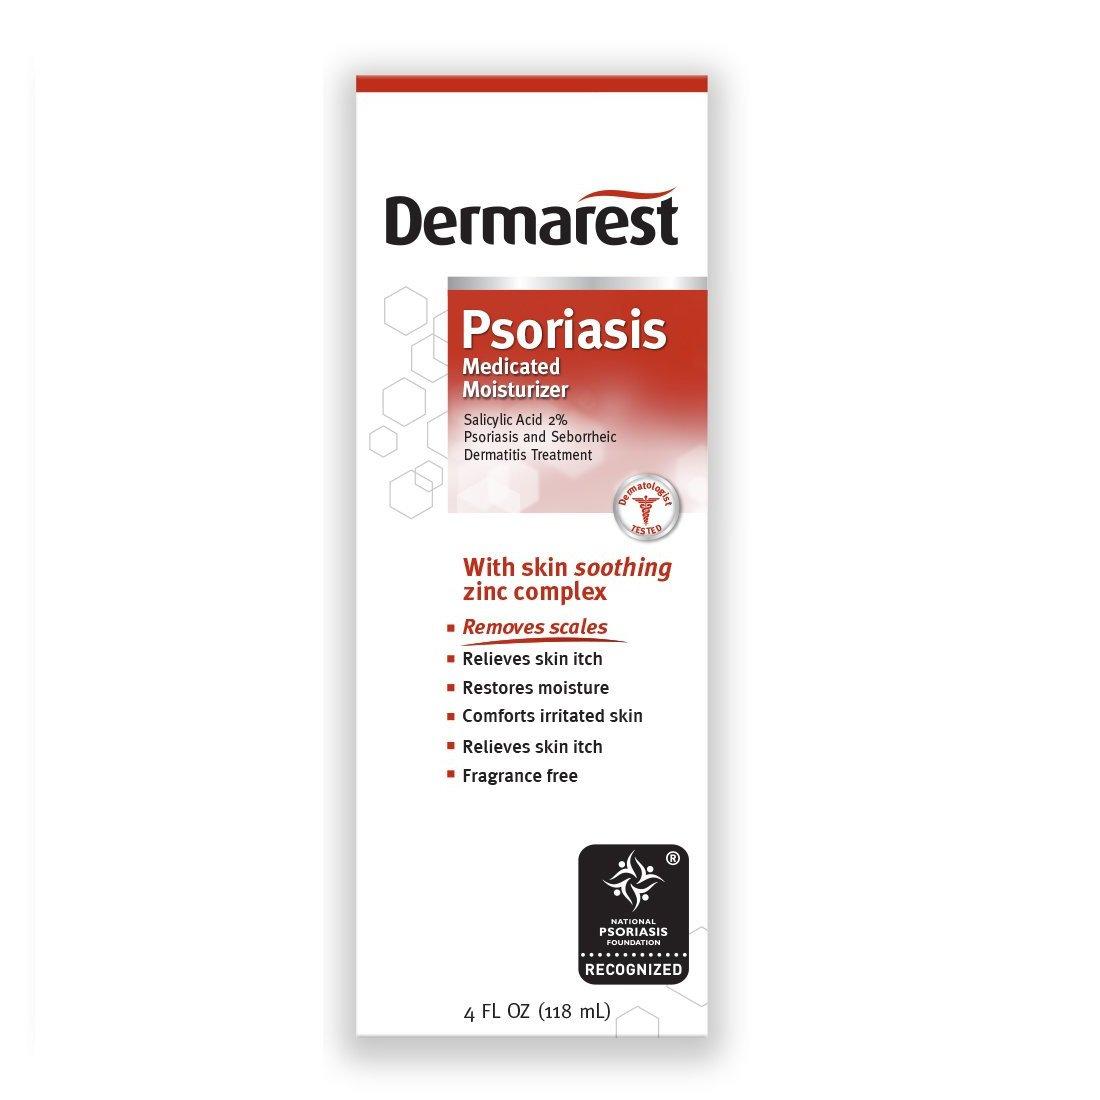 Dermarest Psoriasis Moisturizer with 2% Salicylic Acid, 4oz